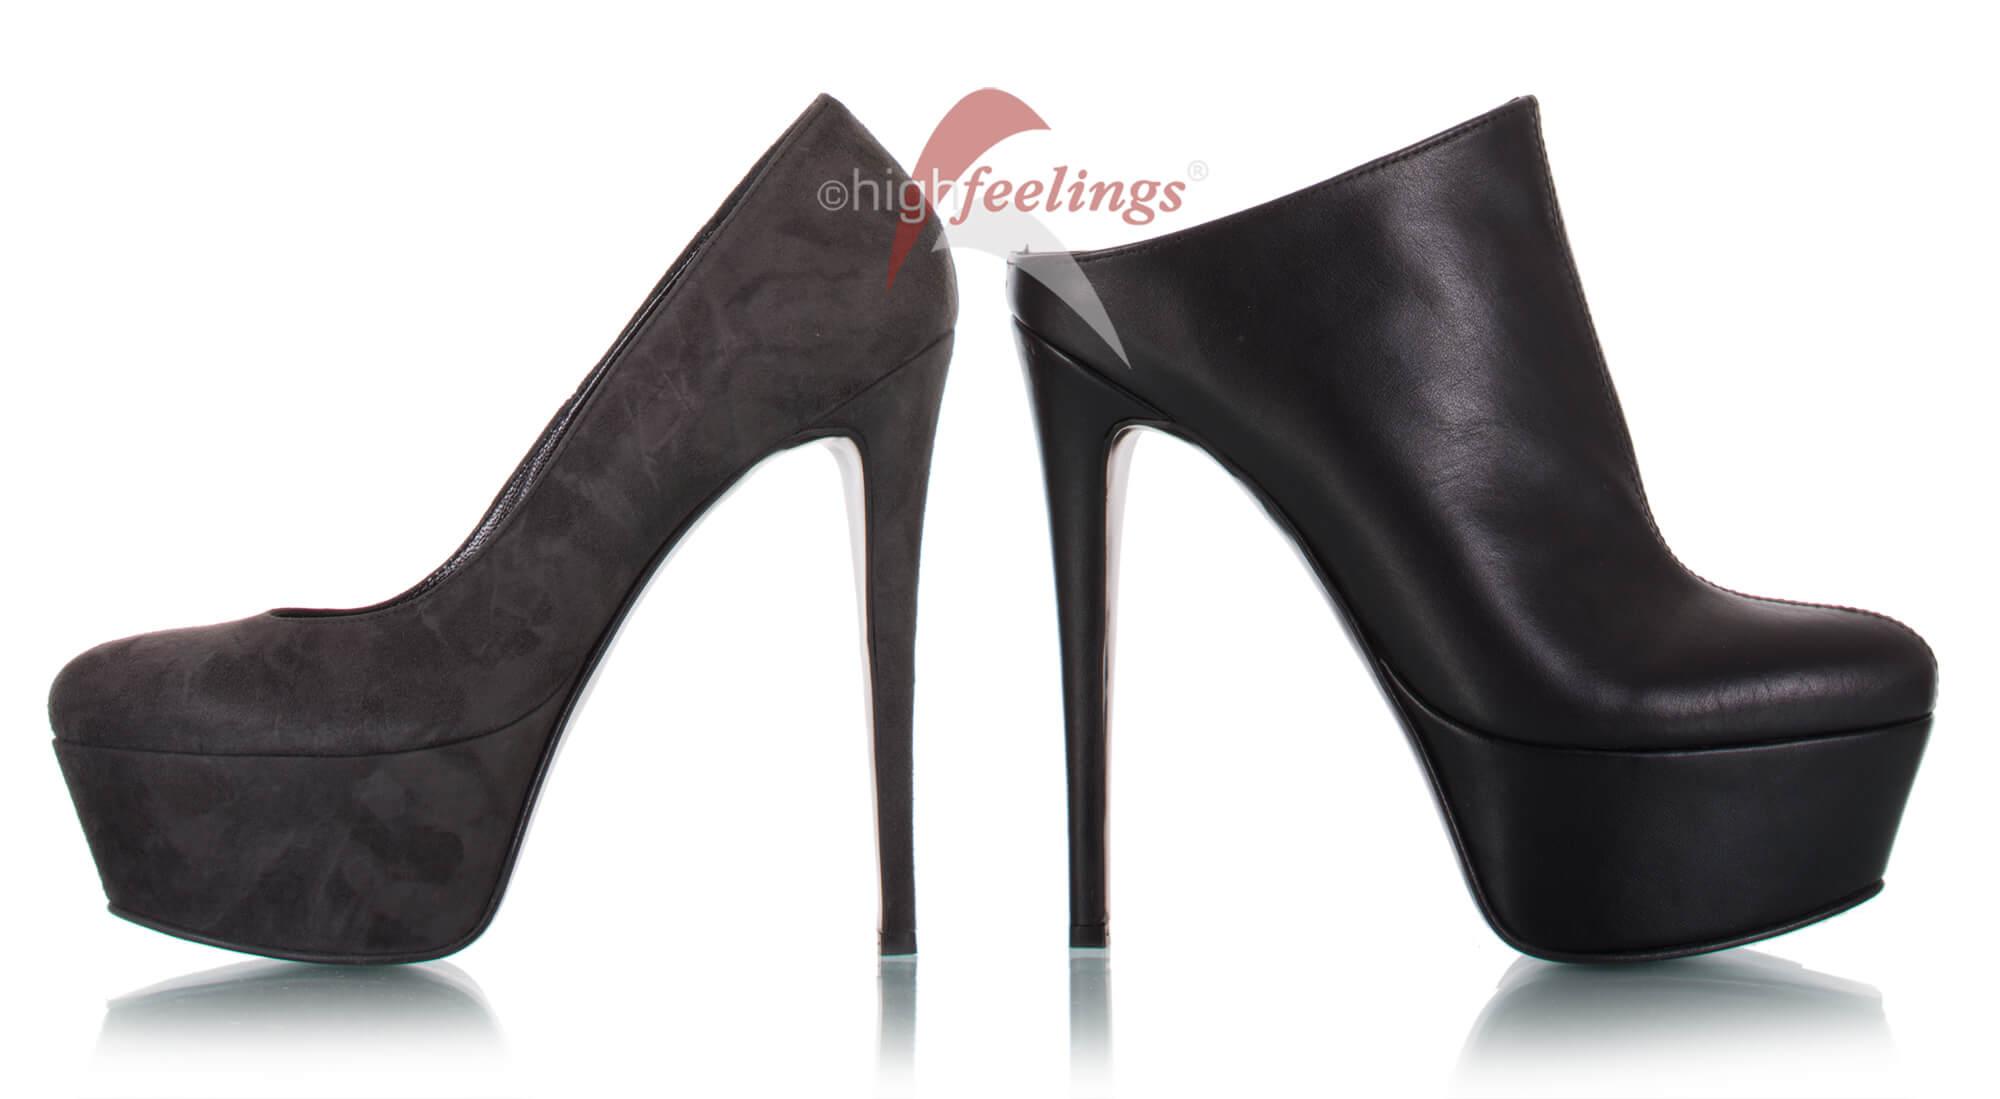 Redewendungen, Zitate & Sprüche rund um Schuhe | high feelings